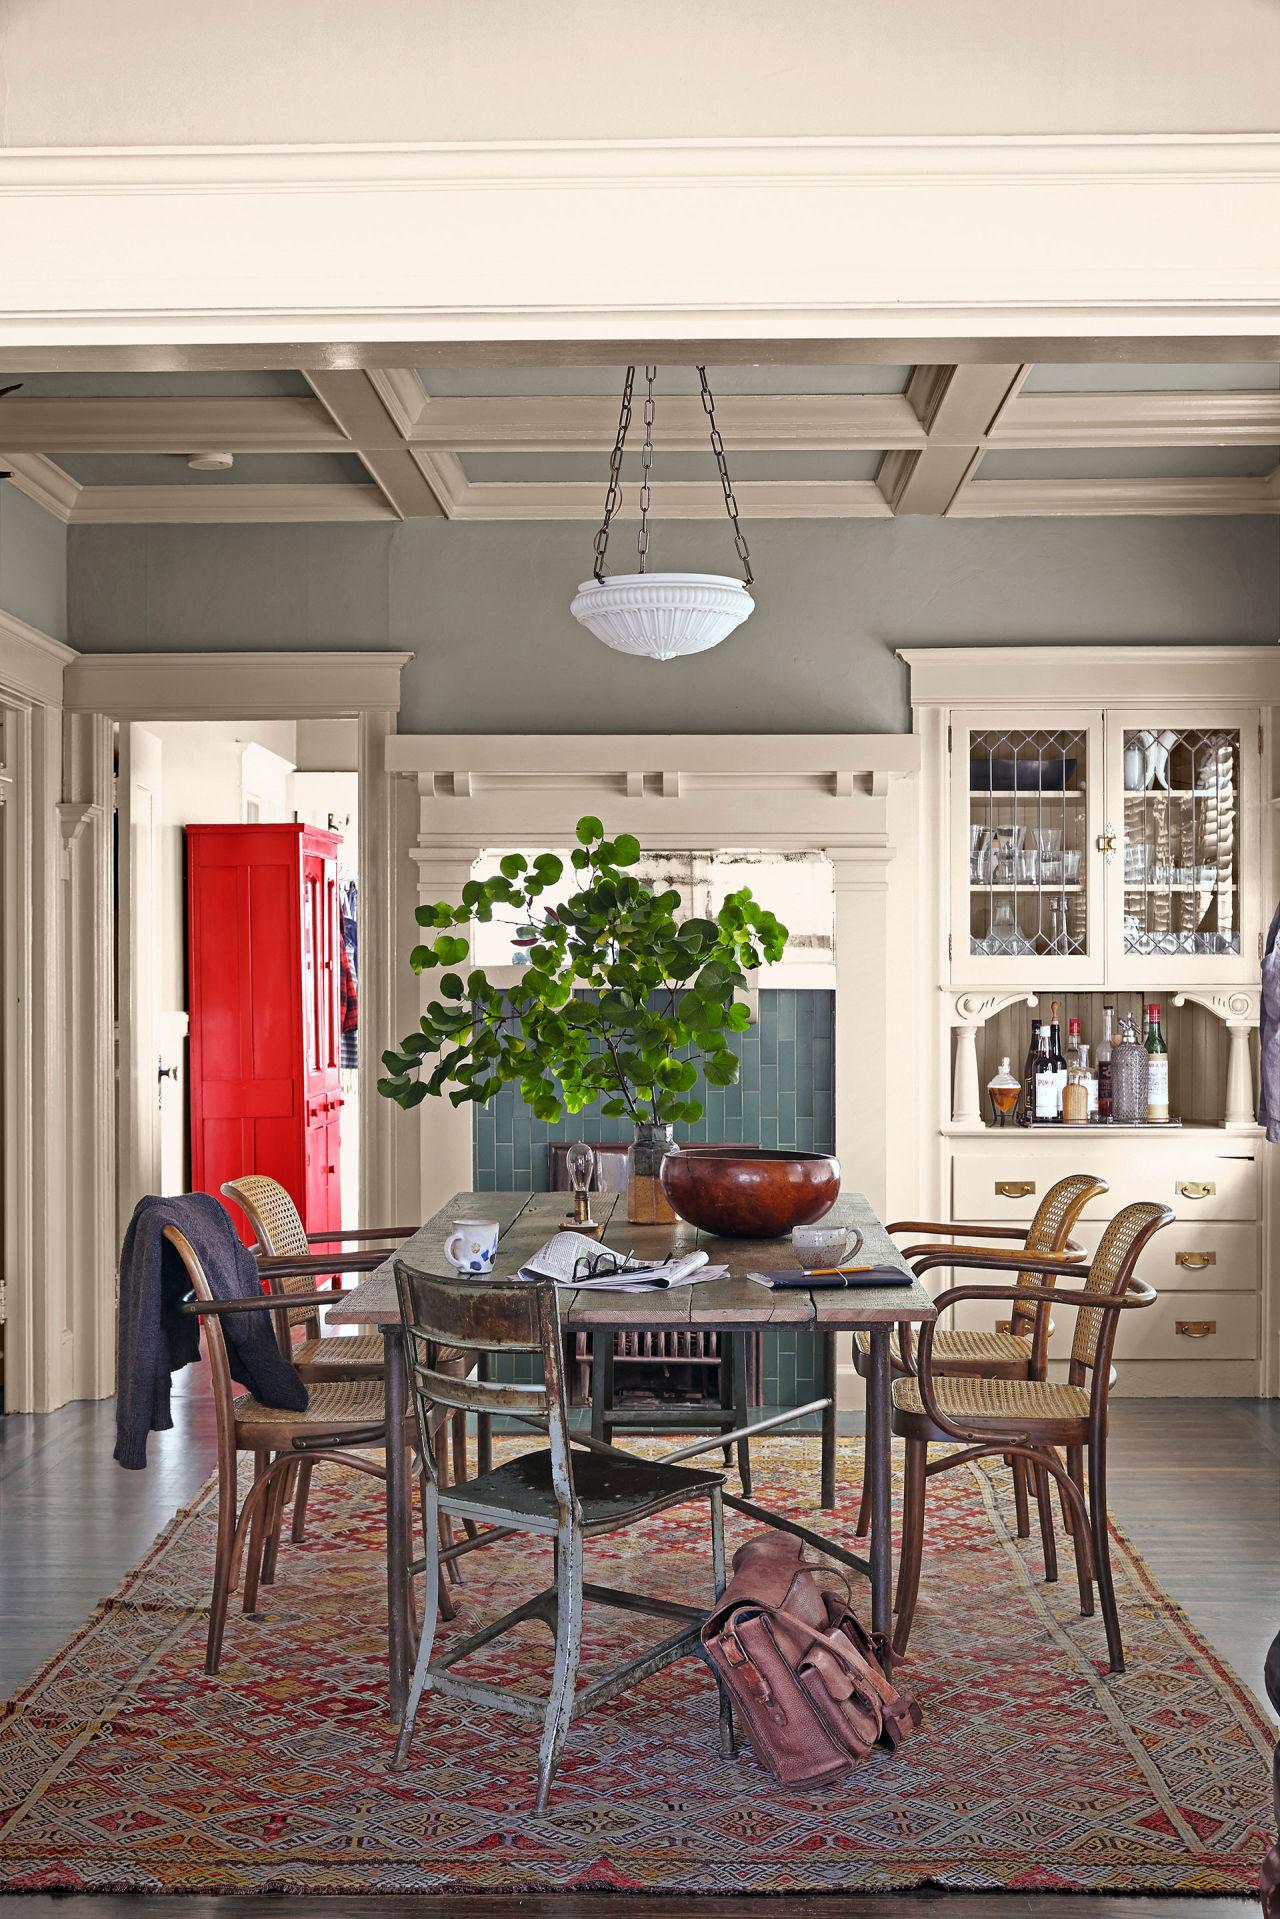 Rod hipskind vintage decor vintage decorating ideas for Cottage dining room ideas